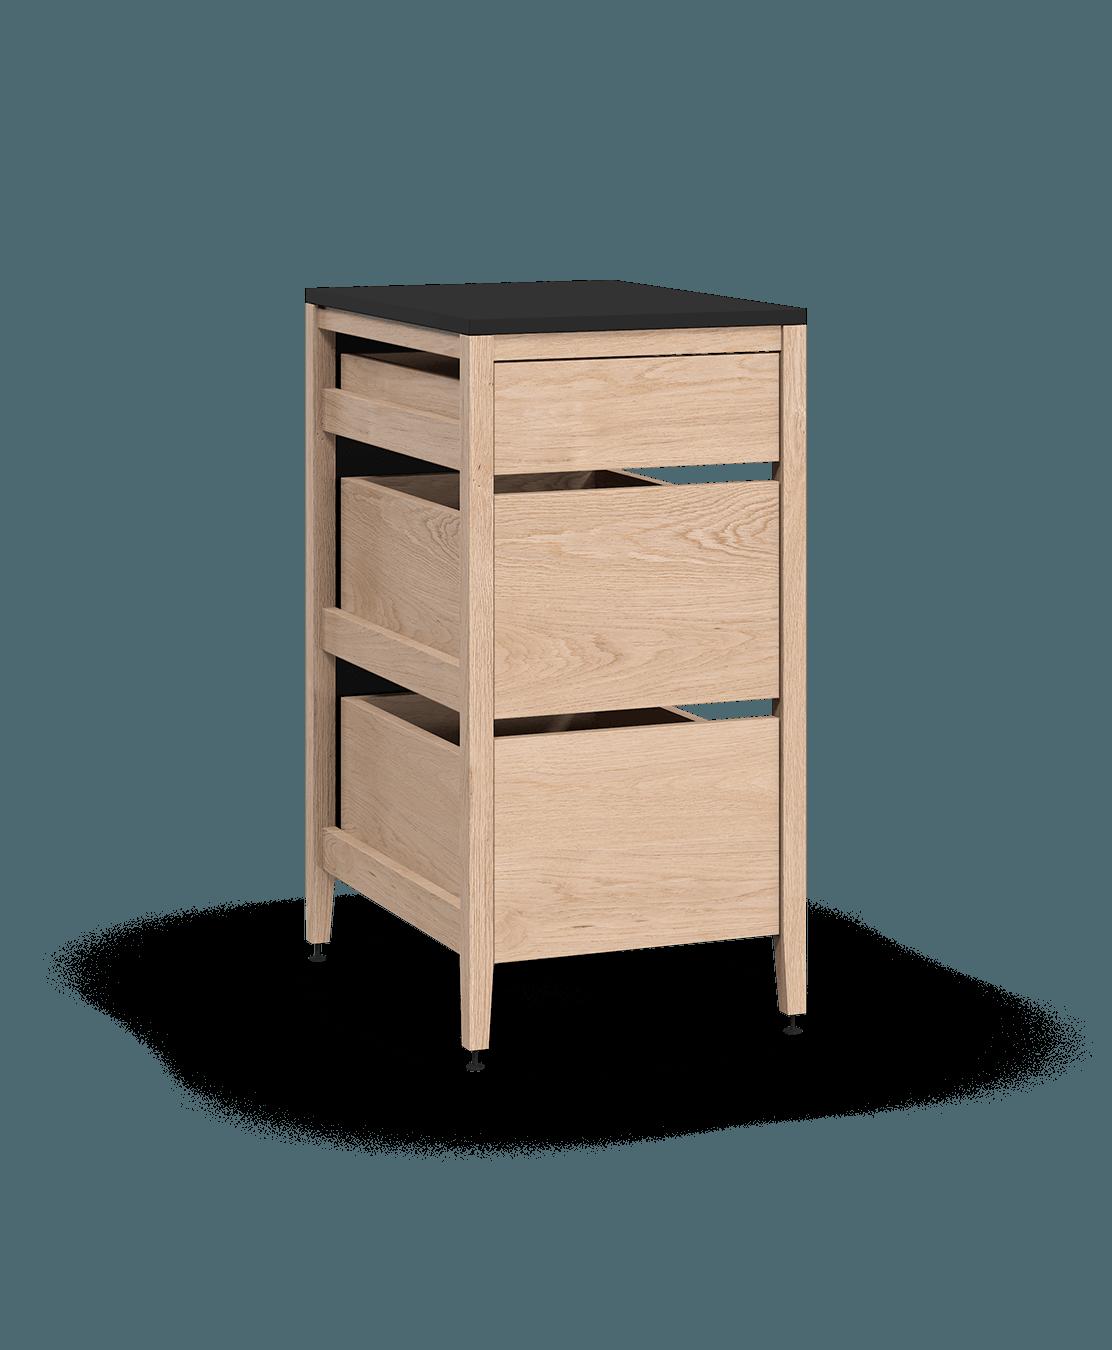 armoire de cuisine modulaire inférieure en bois massif coquo radix avec 3 tiroirs chêne blanc 18 pouces C1-C-18TB-3002-NA